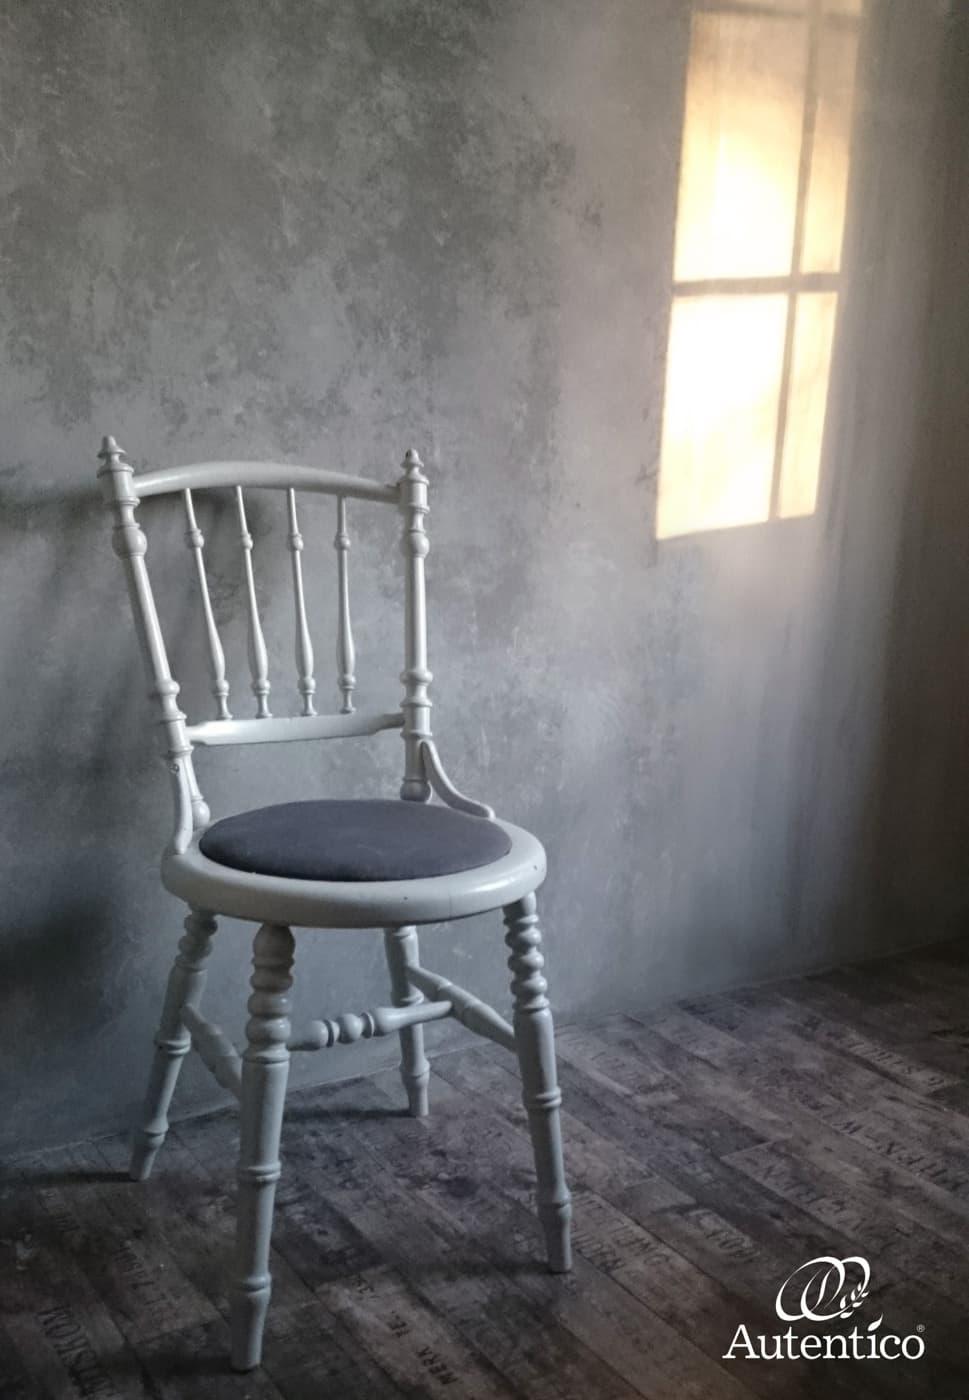 Pittura Effetto Intonaco Invecchiato pittura a calce autentico venice casa blanca